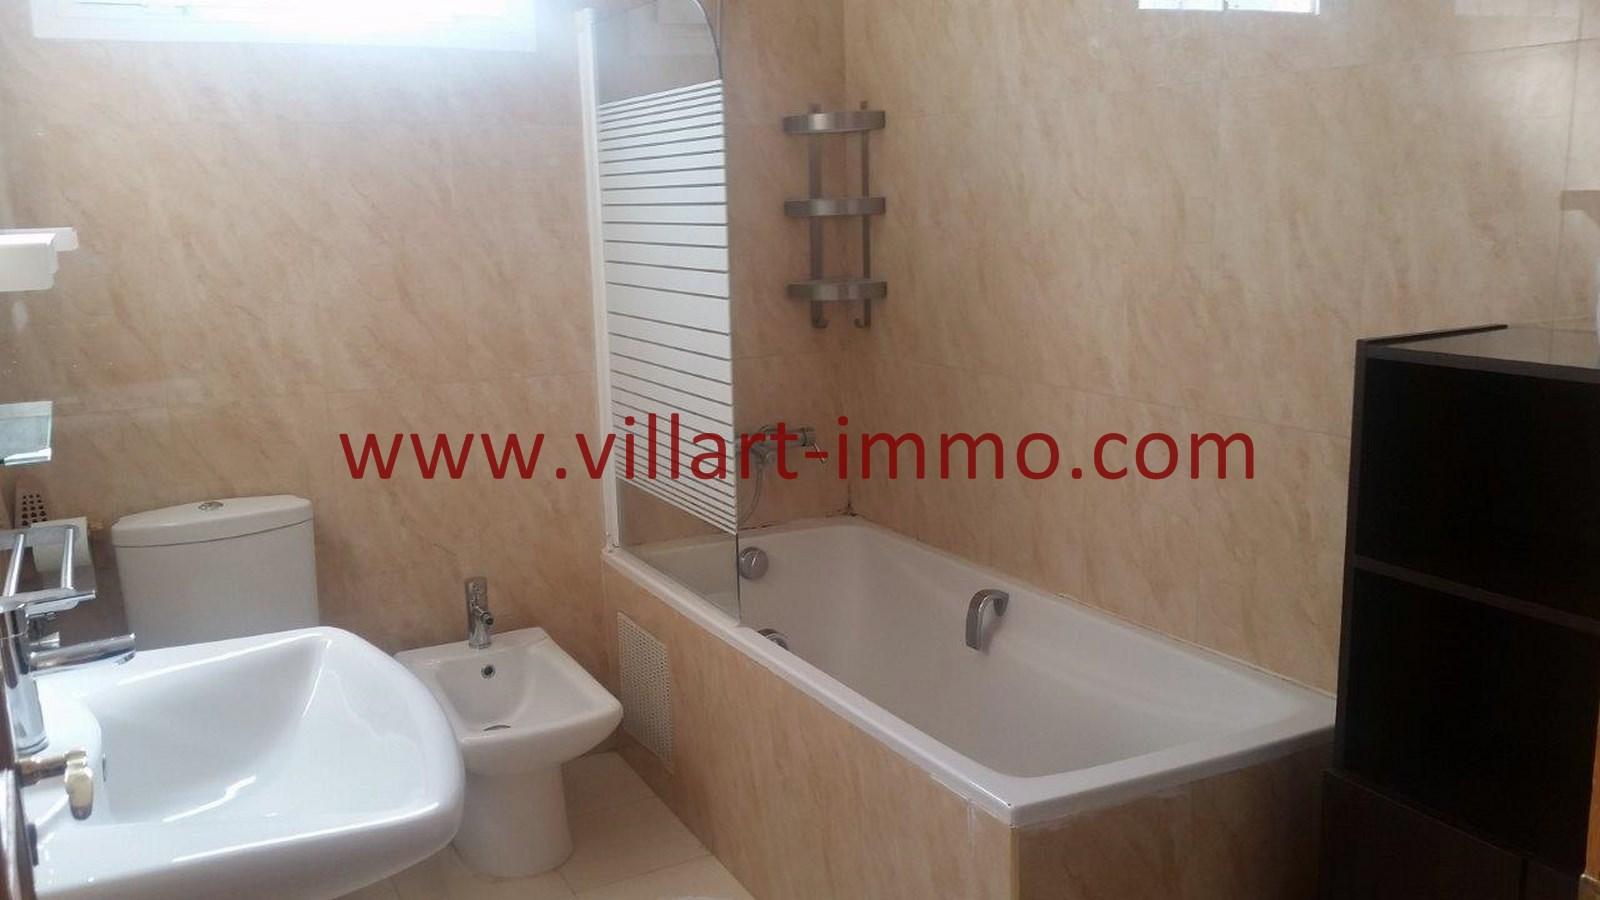 8-A louer-Appartement-Meublé-Tanger-Salle de bain-L911-Villart immo